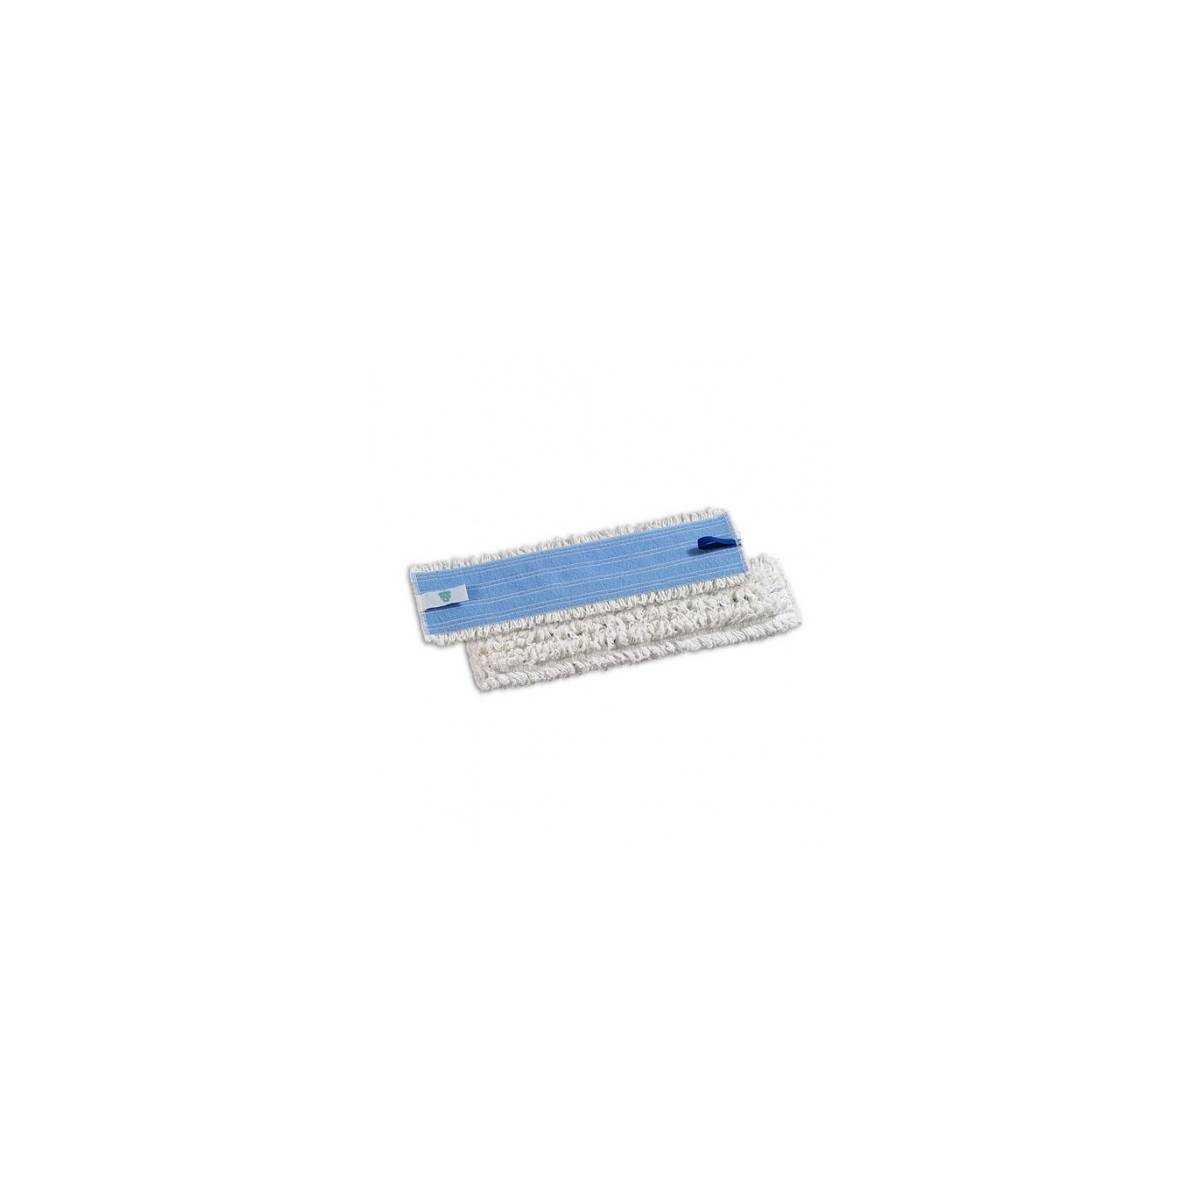 Моп Microriccio Velcro микрофибра 40см (Белого цвета) 0B000705 TTS